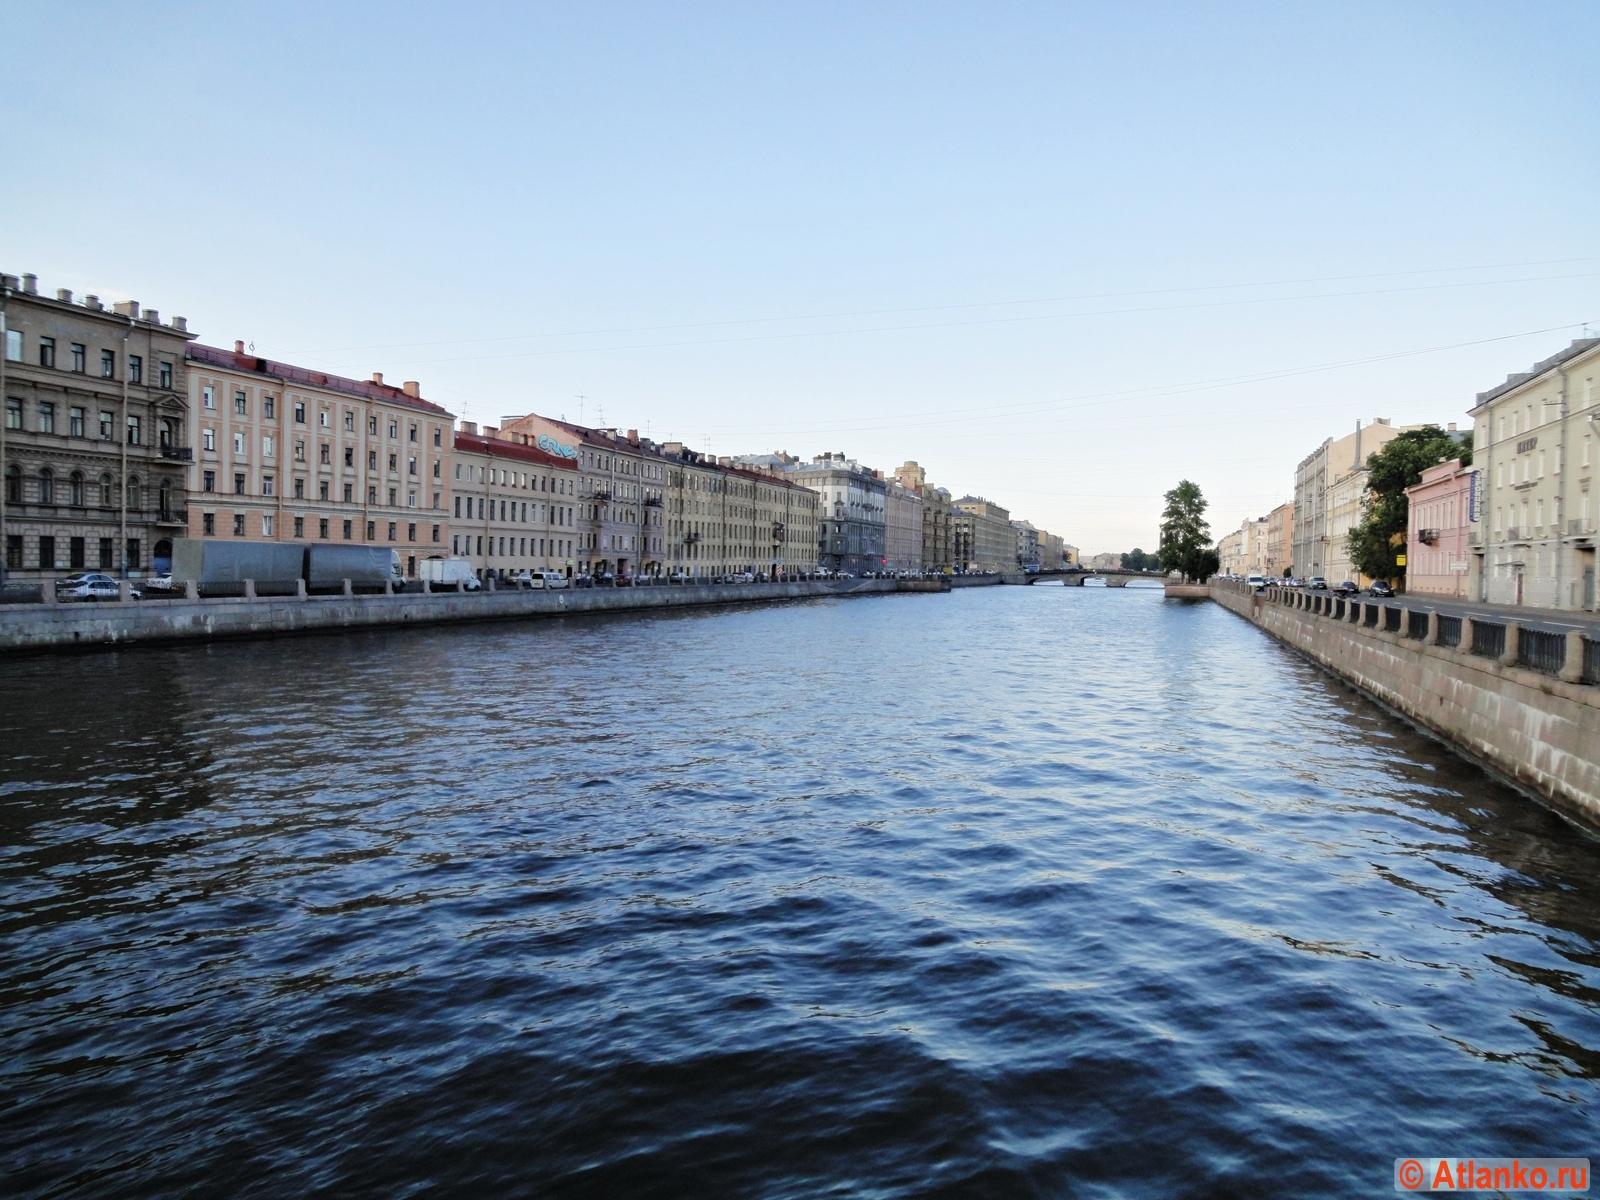 Набережная реки Фонтанки в летний вечер. Санкт-Петербург. Фотография